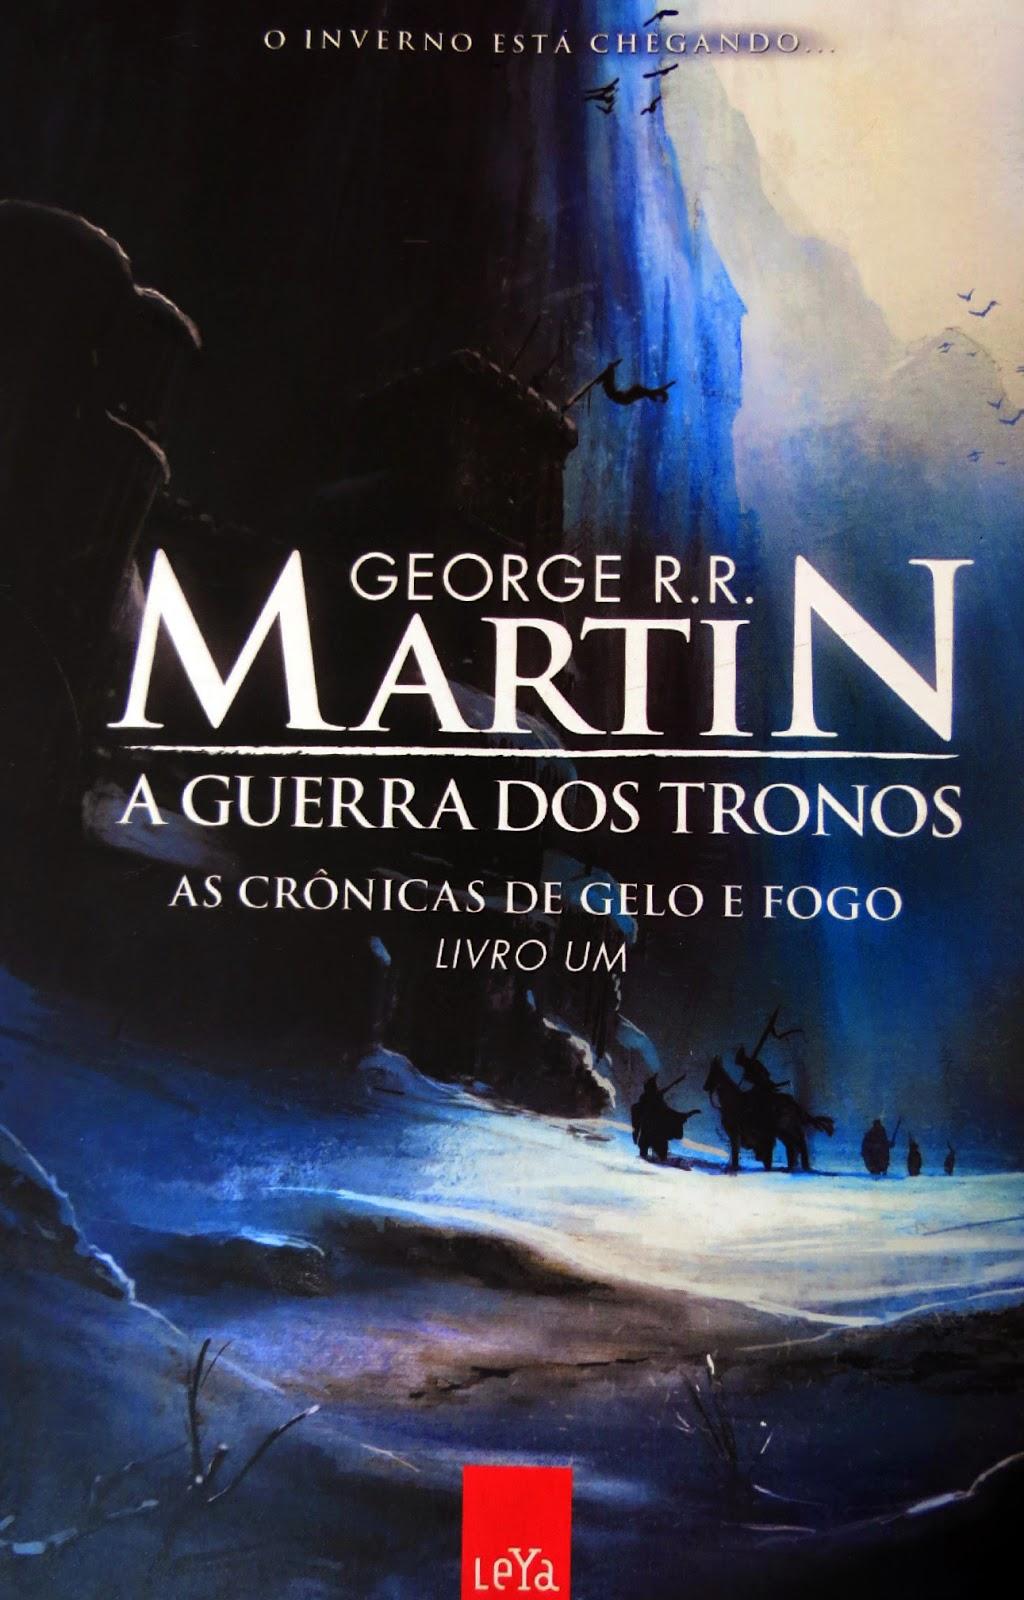 http://livrosvamosdevoralos.blogspot.com.br/2014/08/resenha-guerra-dos-tronos.html